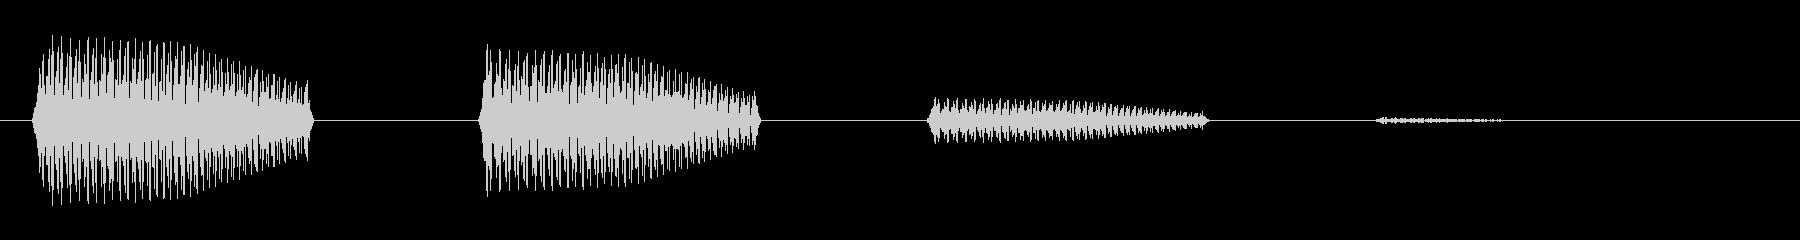 ポポッ(シンプルな電子音のような効果音)の未再生の波形